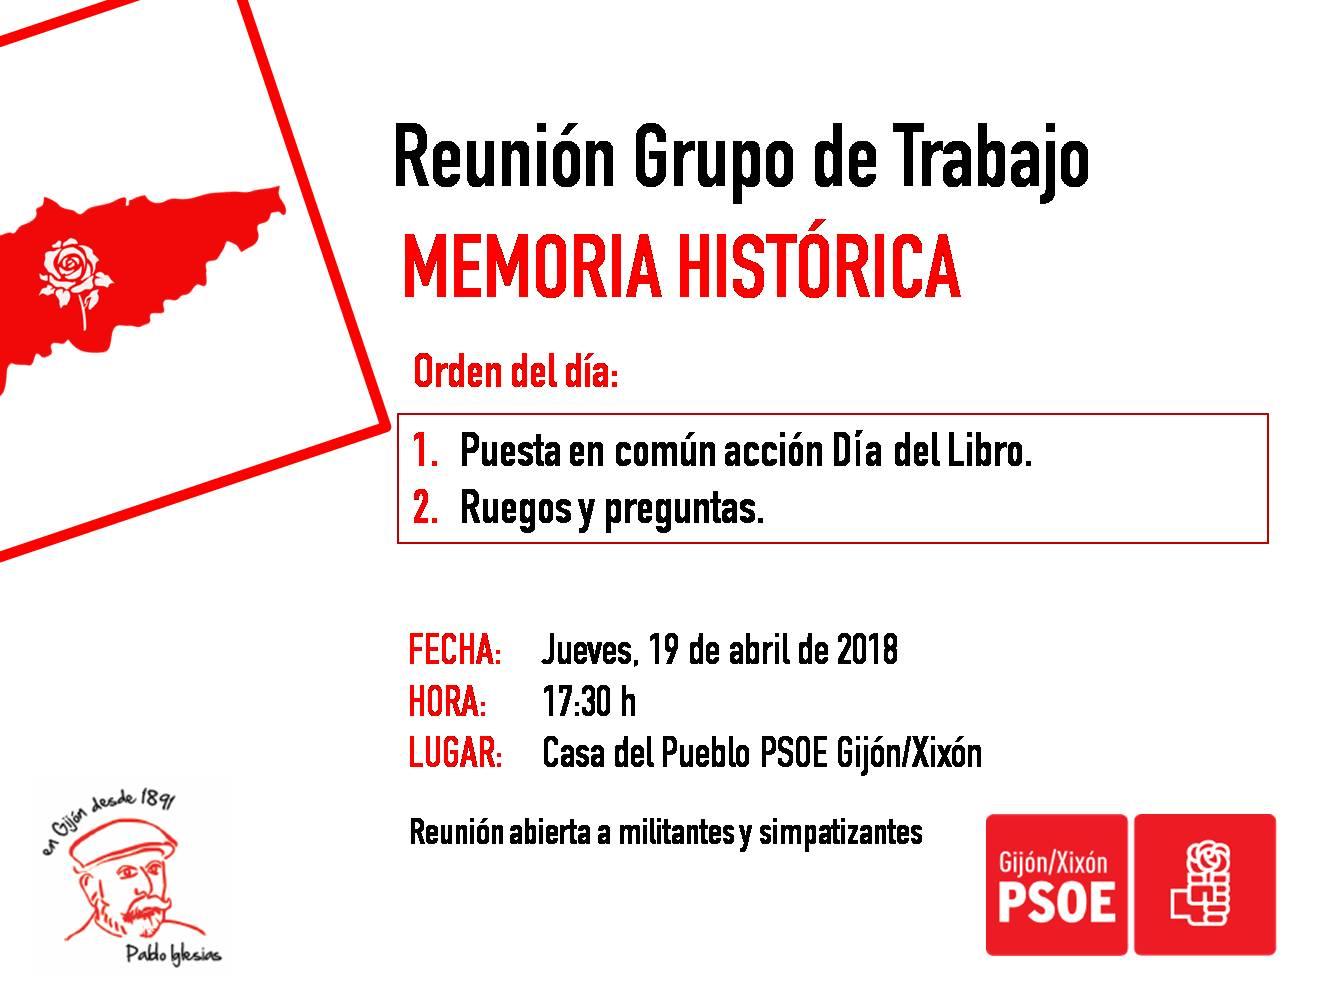 180419_ReuniónGT_MemoriaHistórica